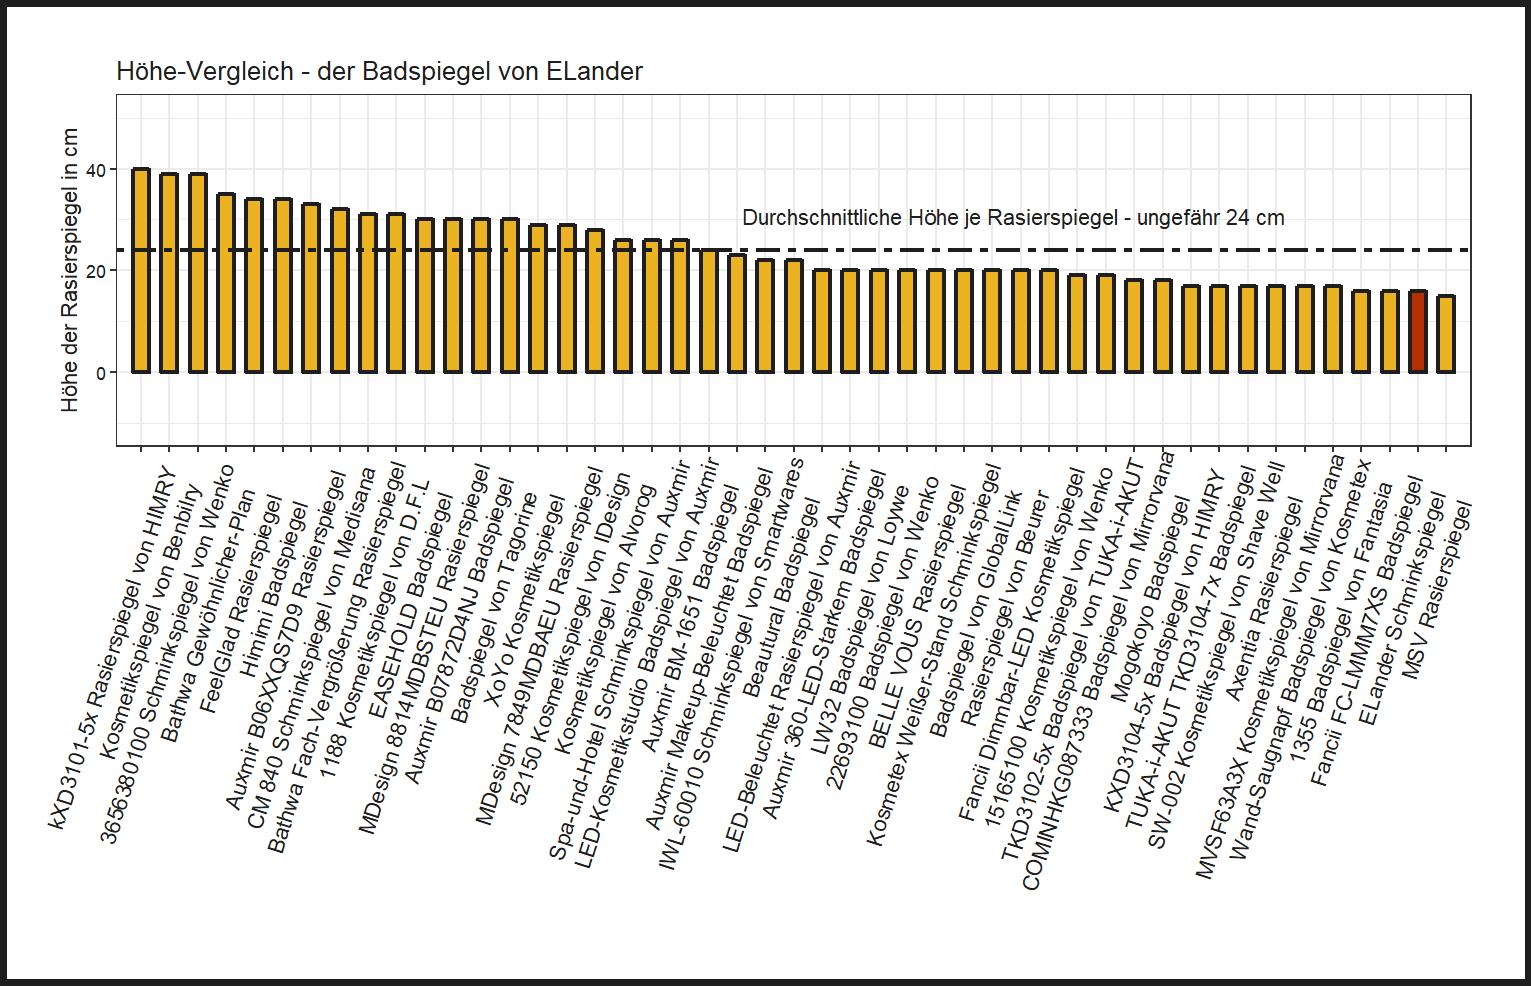 Höhe-Vergleich von dem ELander Rasierspiegel